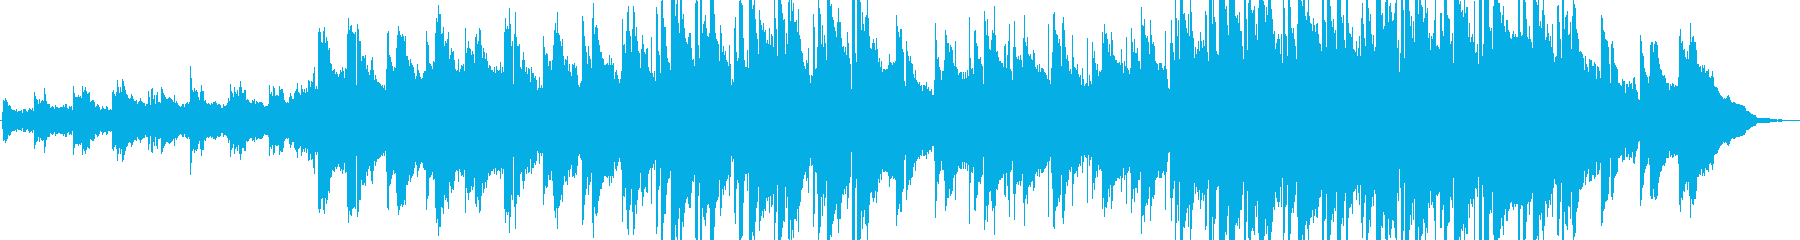 インディーズ ロック ポップ アク...の再生済みの波形